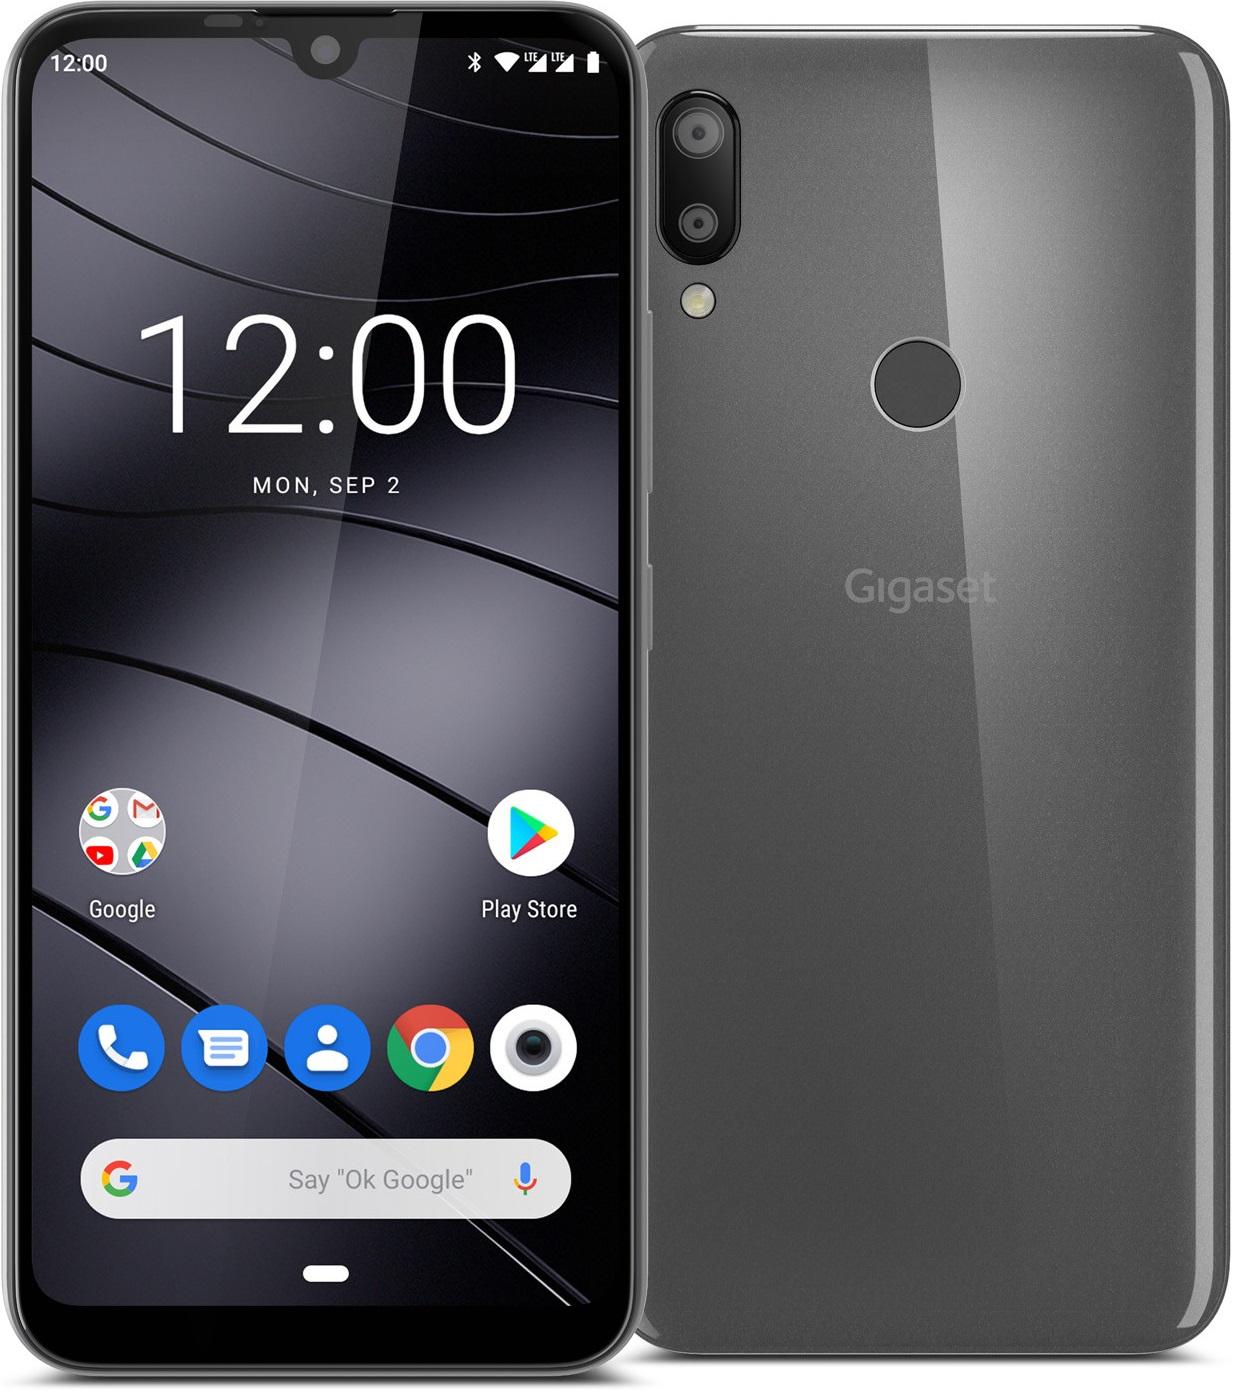 Смартфон Gigaset GS190: где купить, цены, характеристики